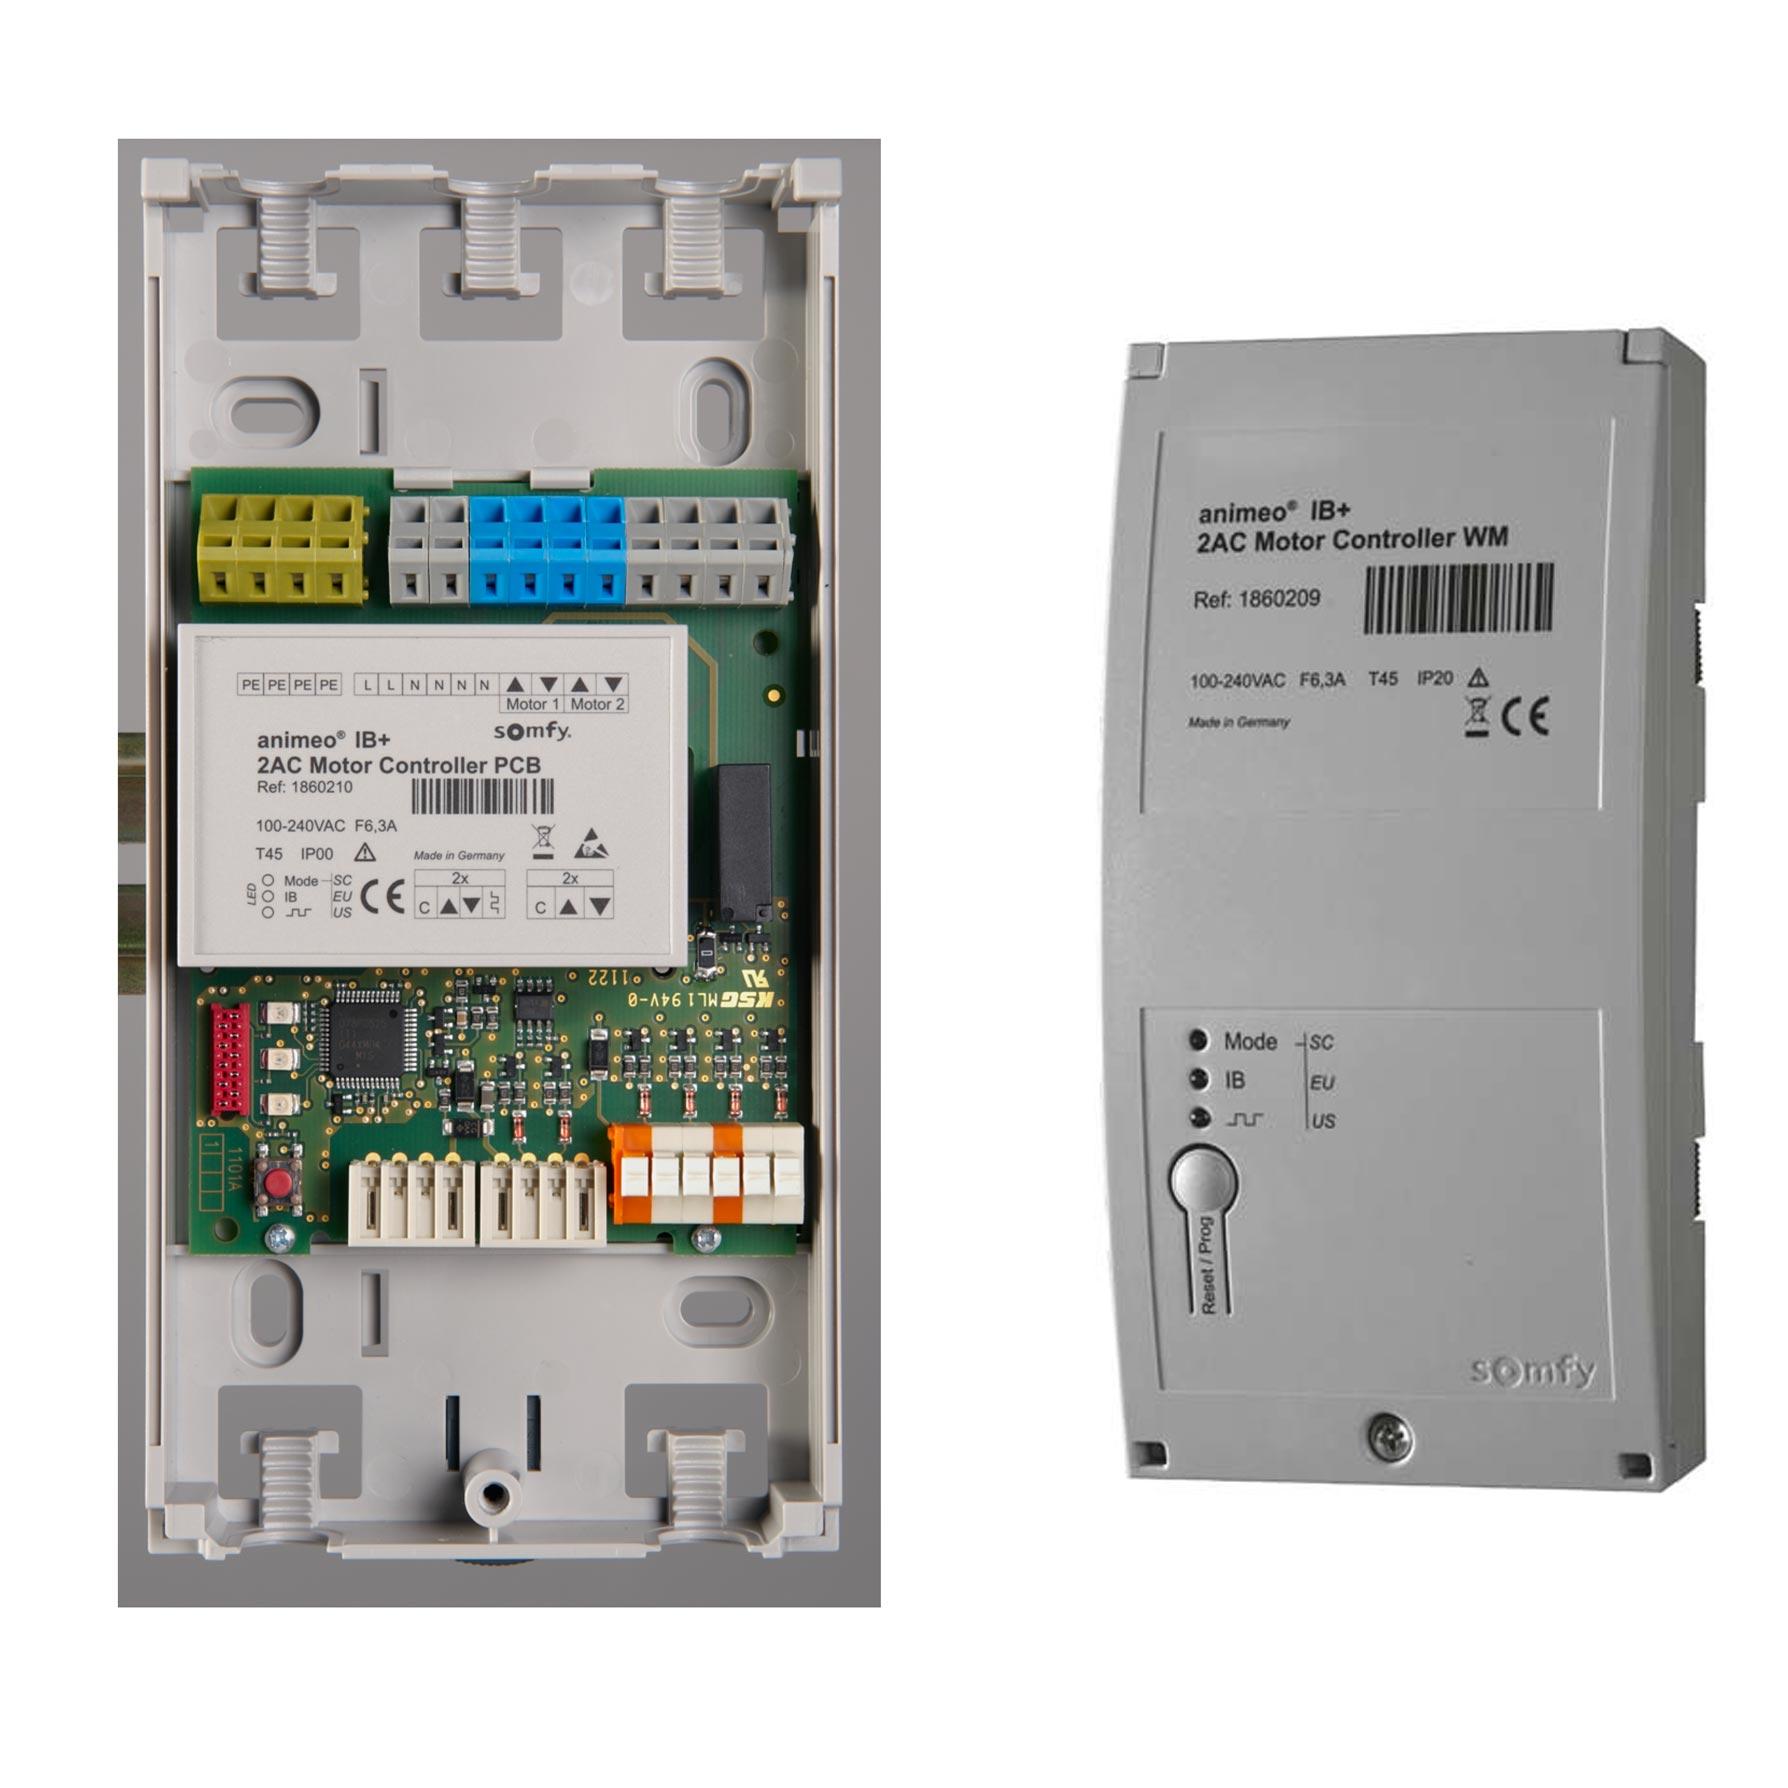 Somfy - SYF1860209 - MOTEUR CONTROLLER 2 AC IB/IB+ WM